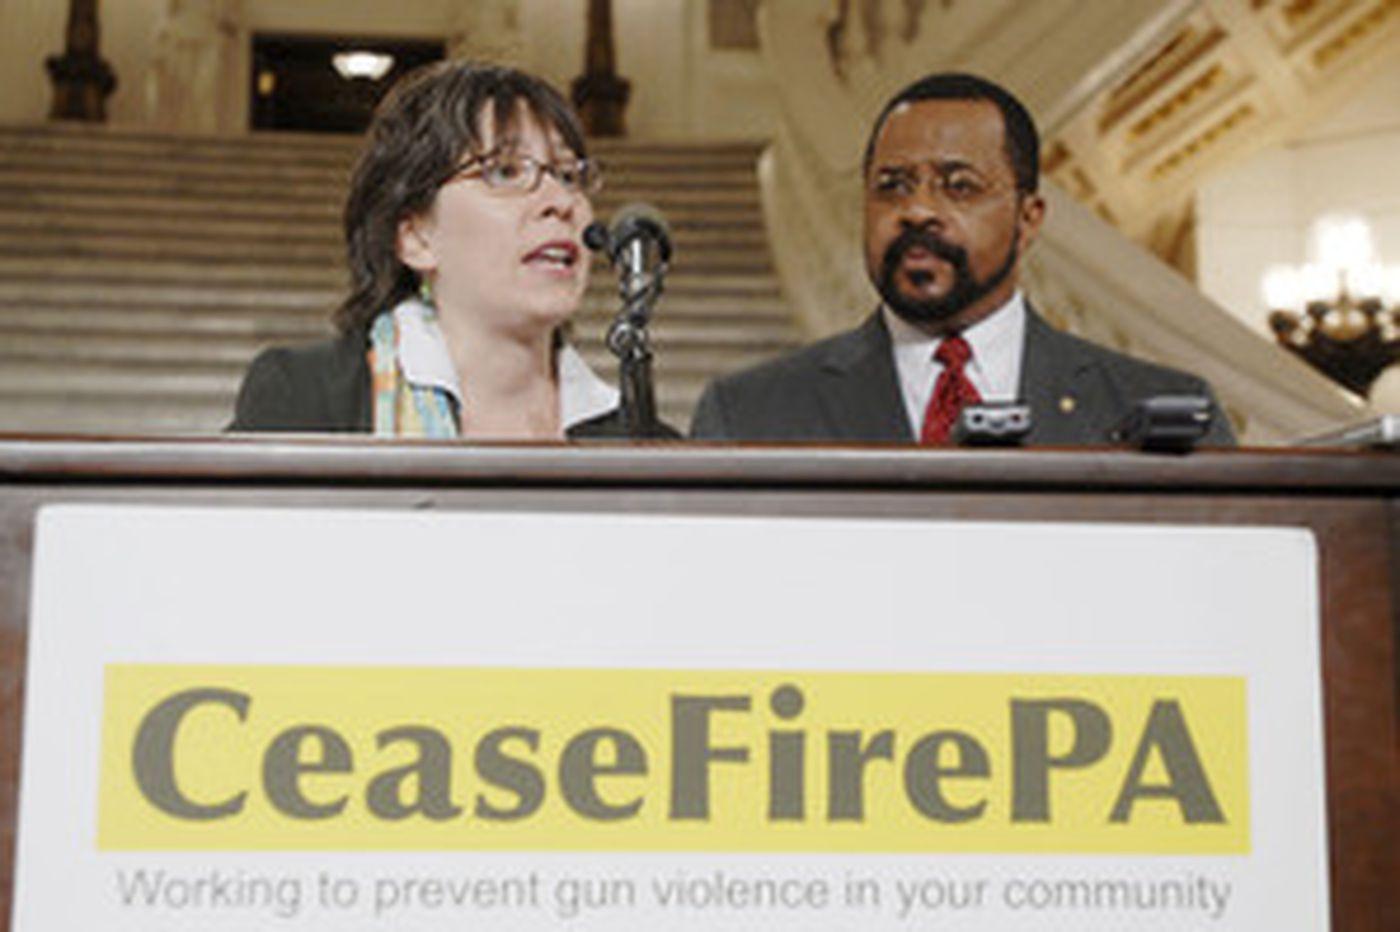 Gun-control lawmaker threatened